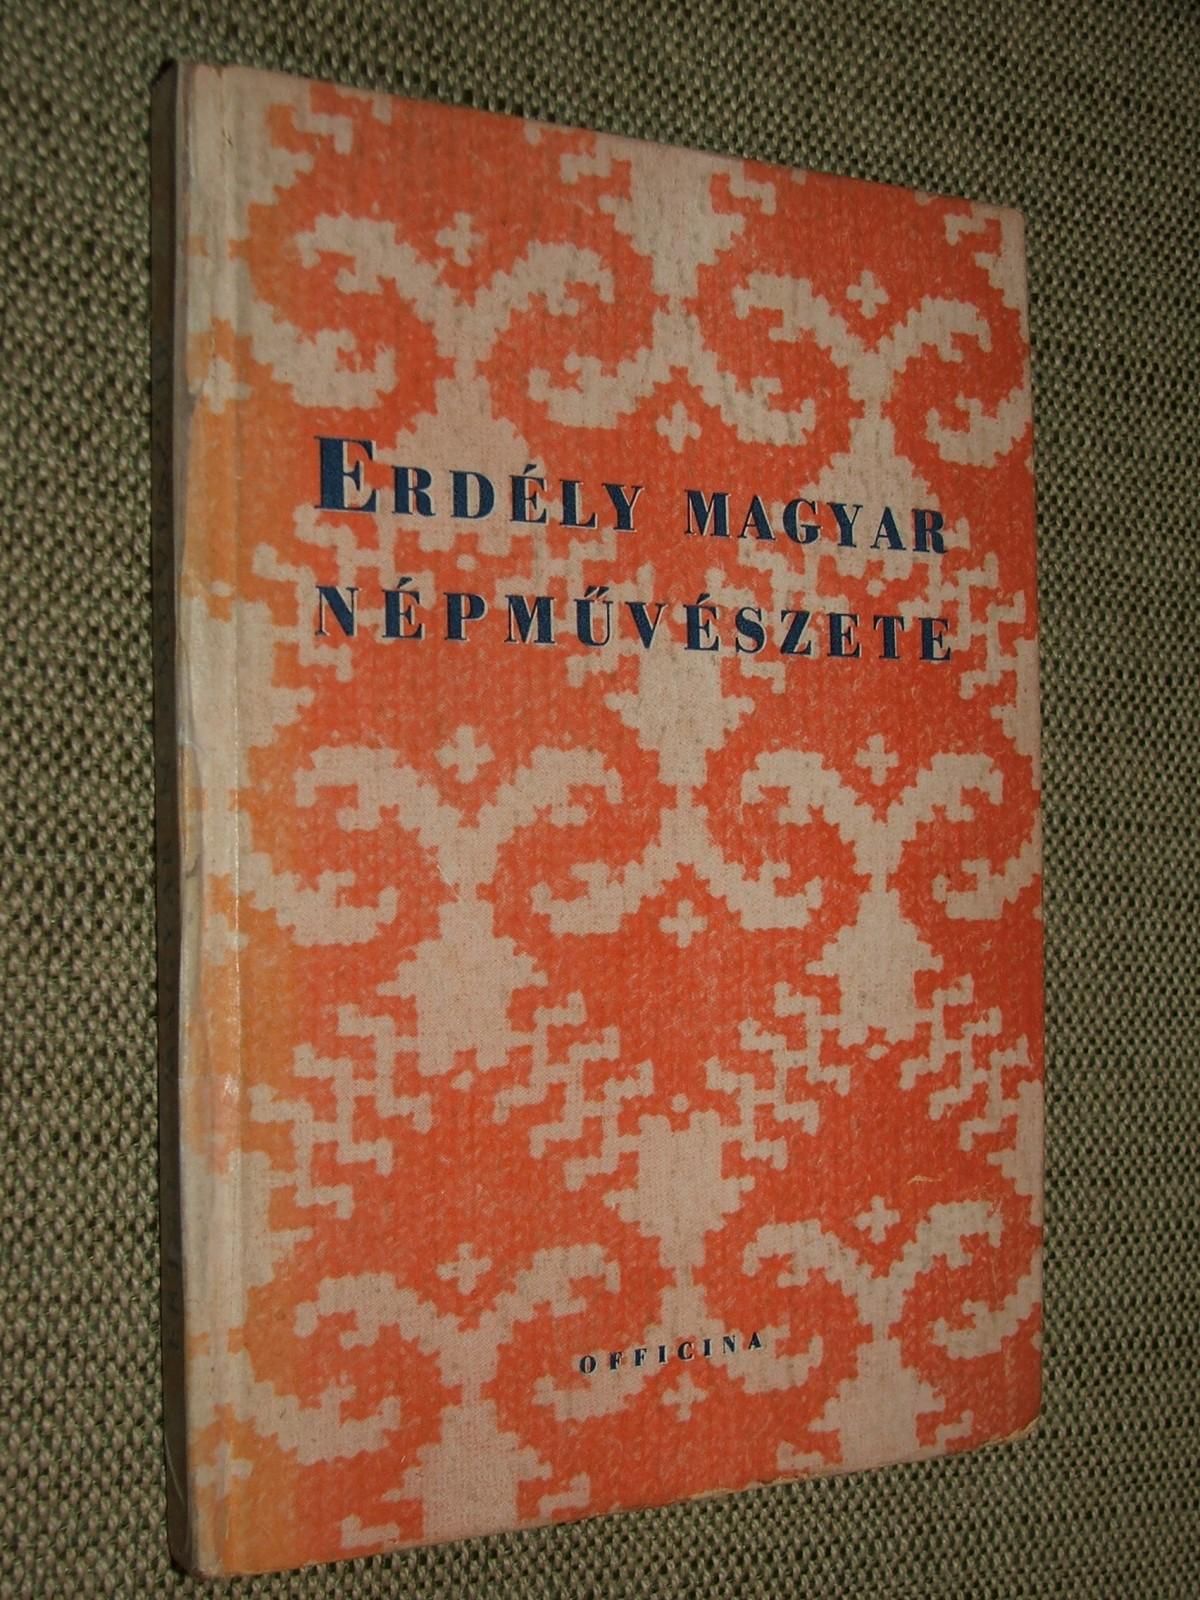 PALOTAY Gertrud: Erdély magyar népművészete